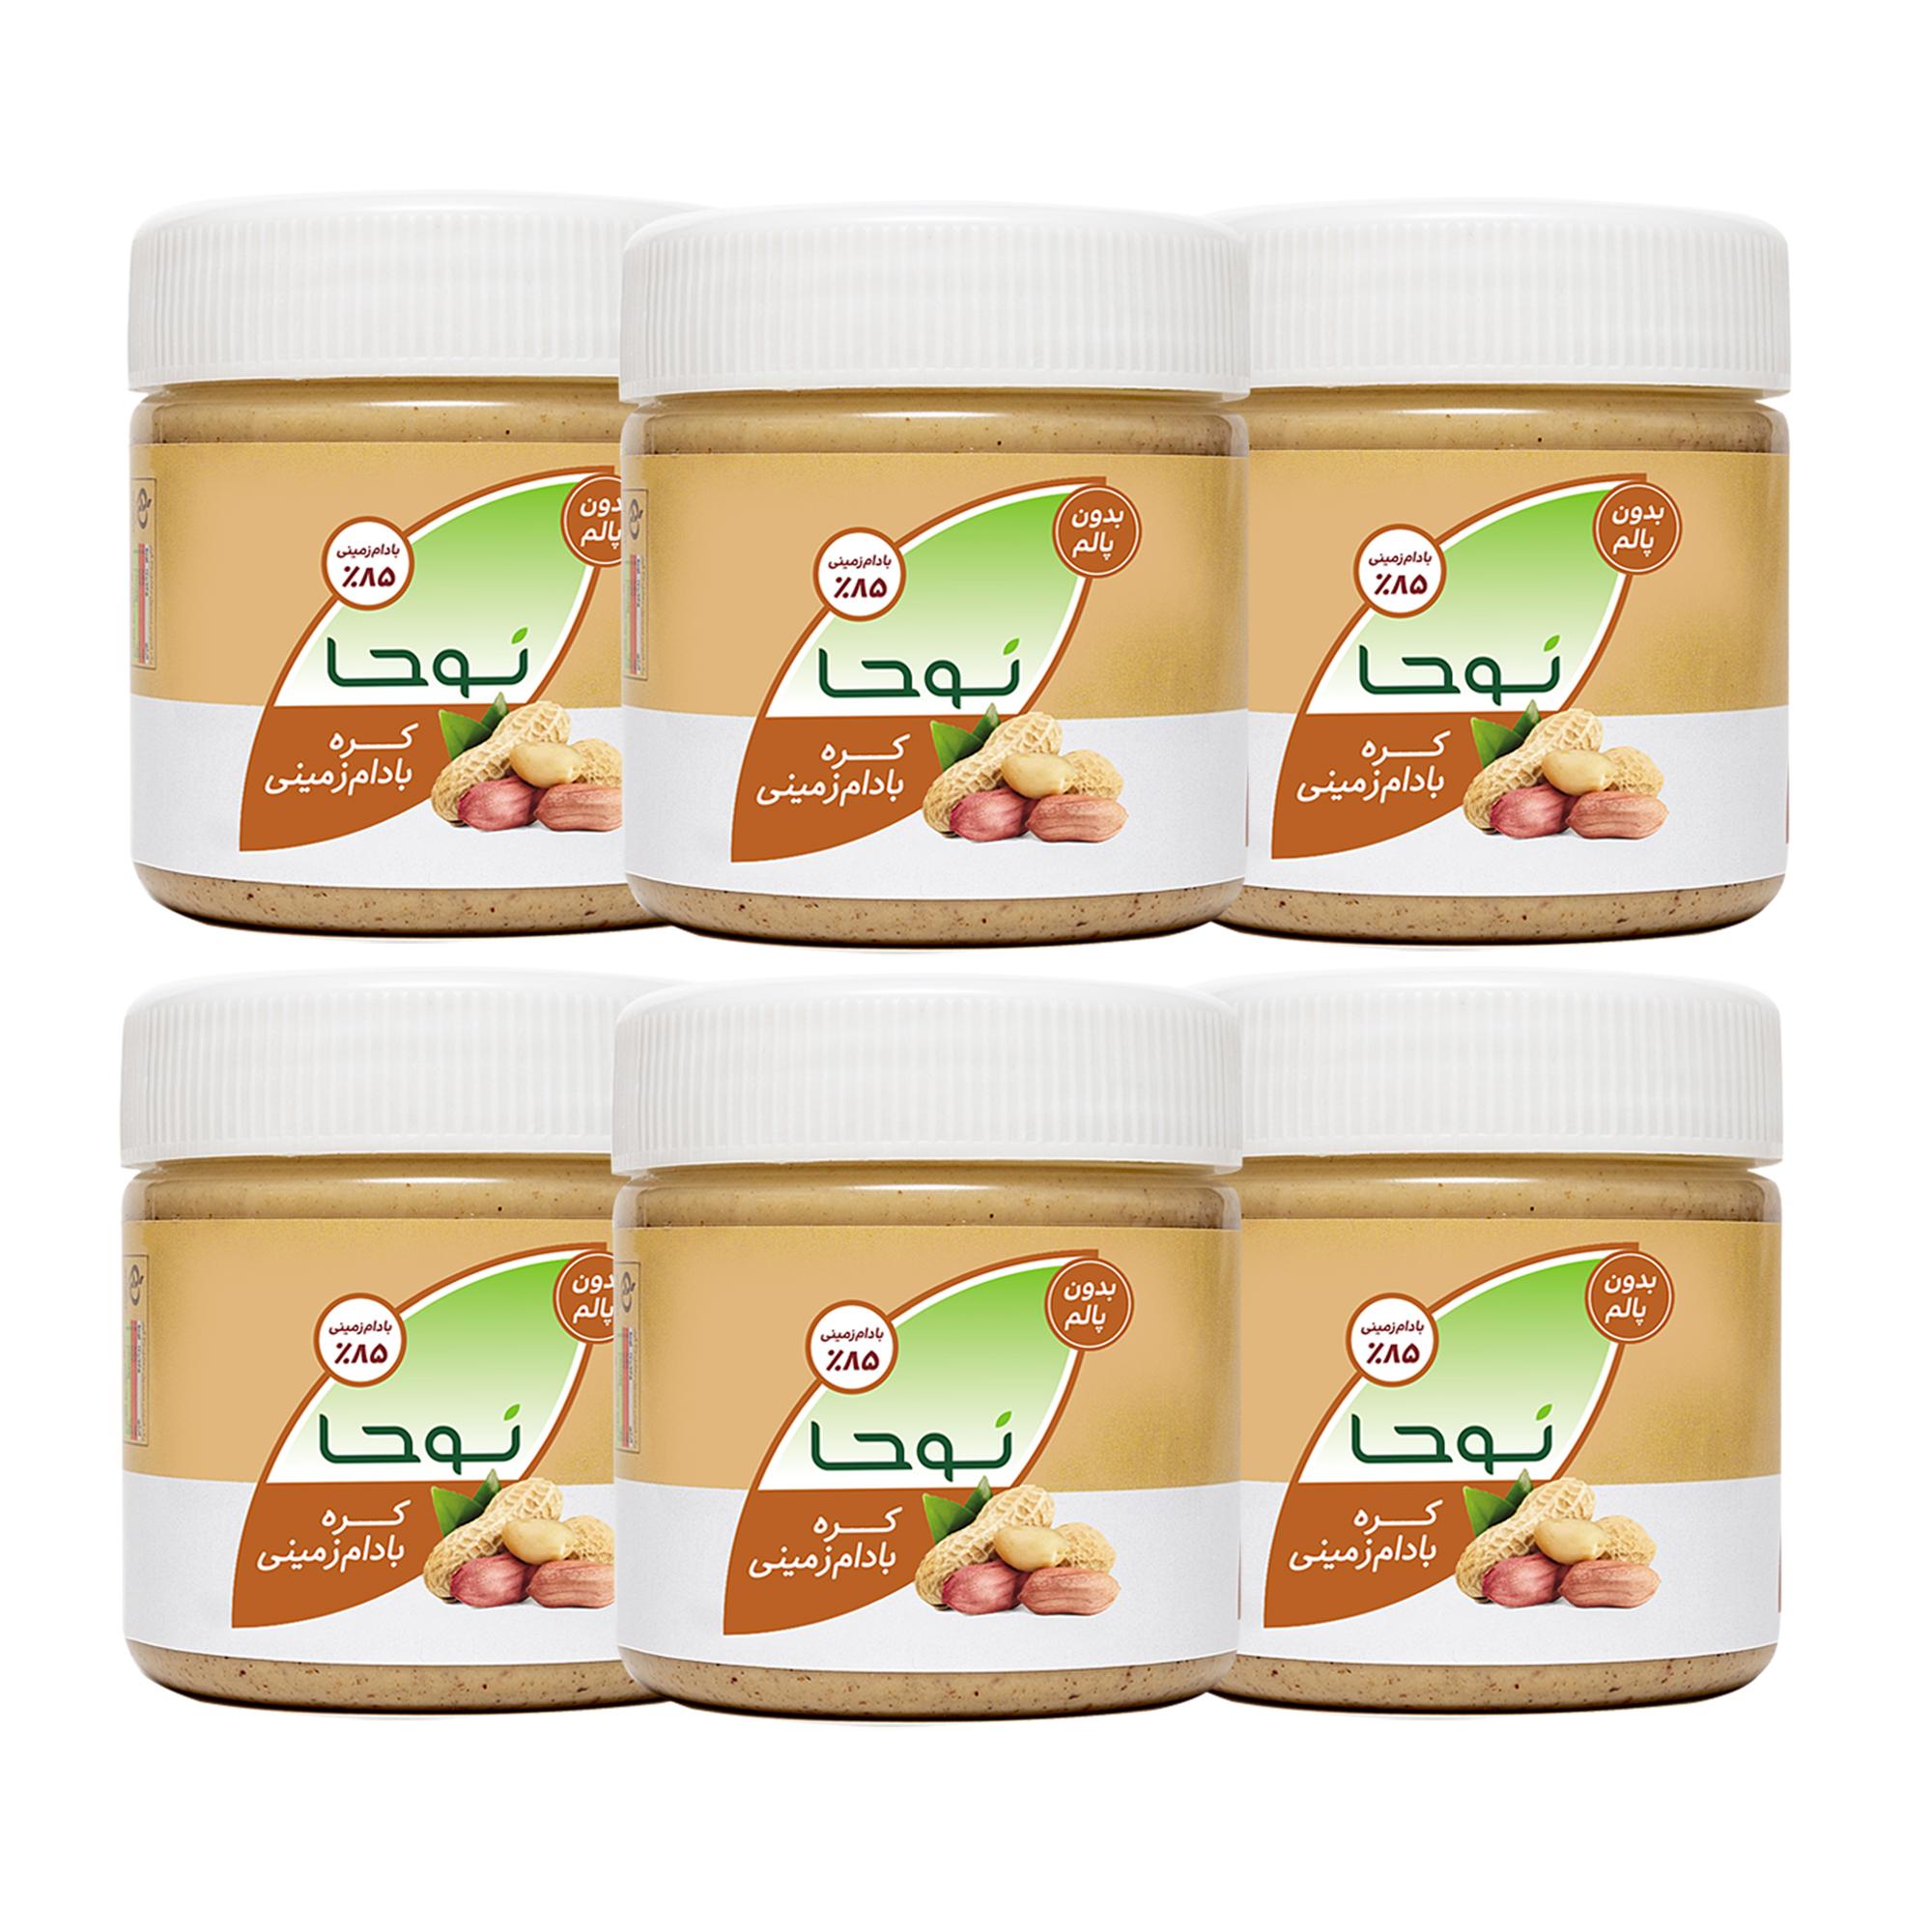 کره بادام زمینی ساده نوحا ساده - 250 گرم بسته 6 عددی